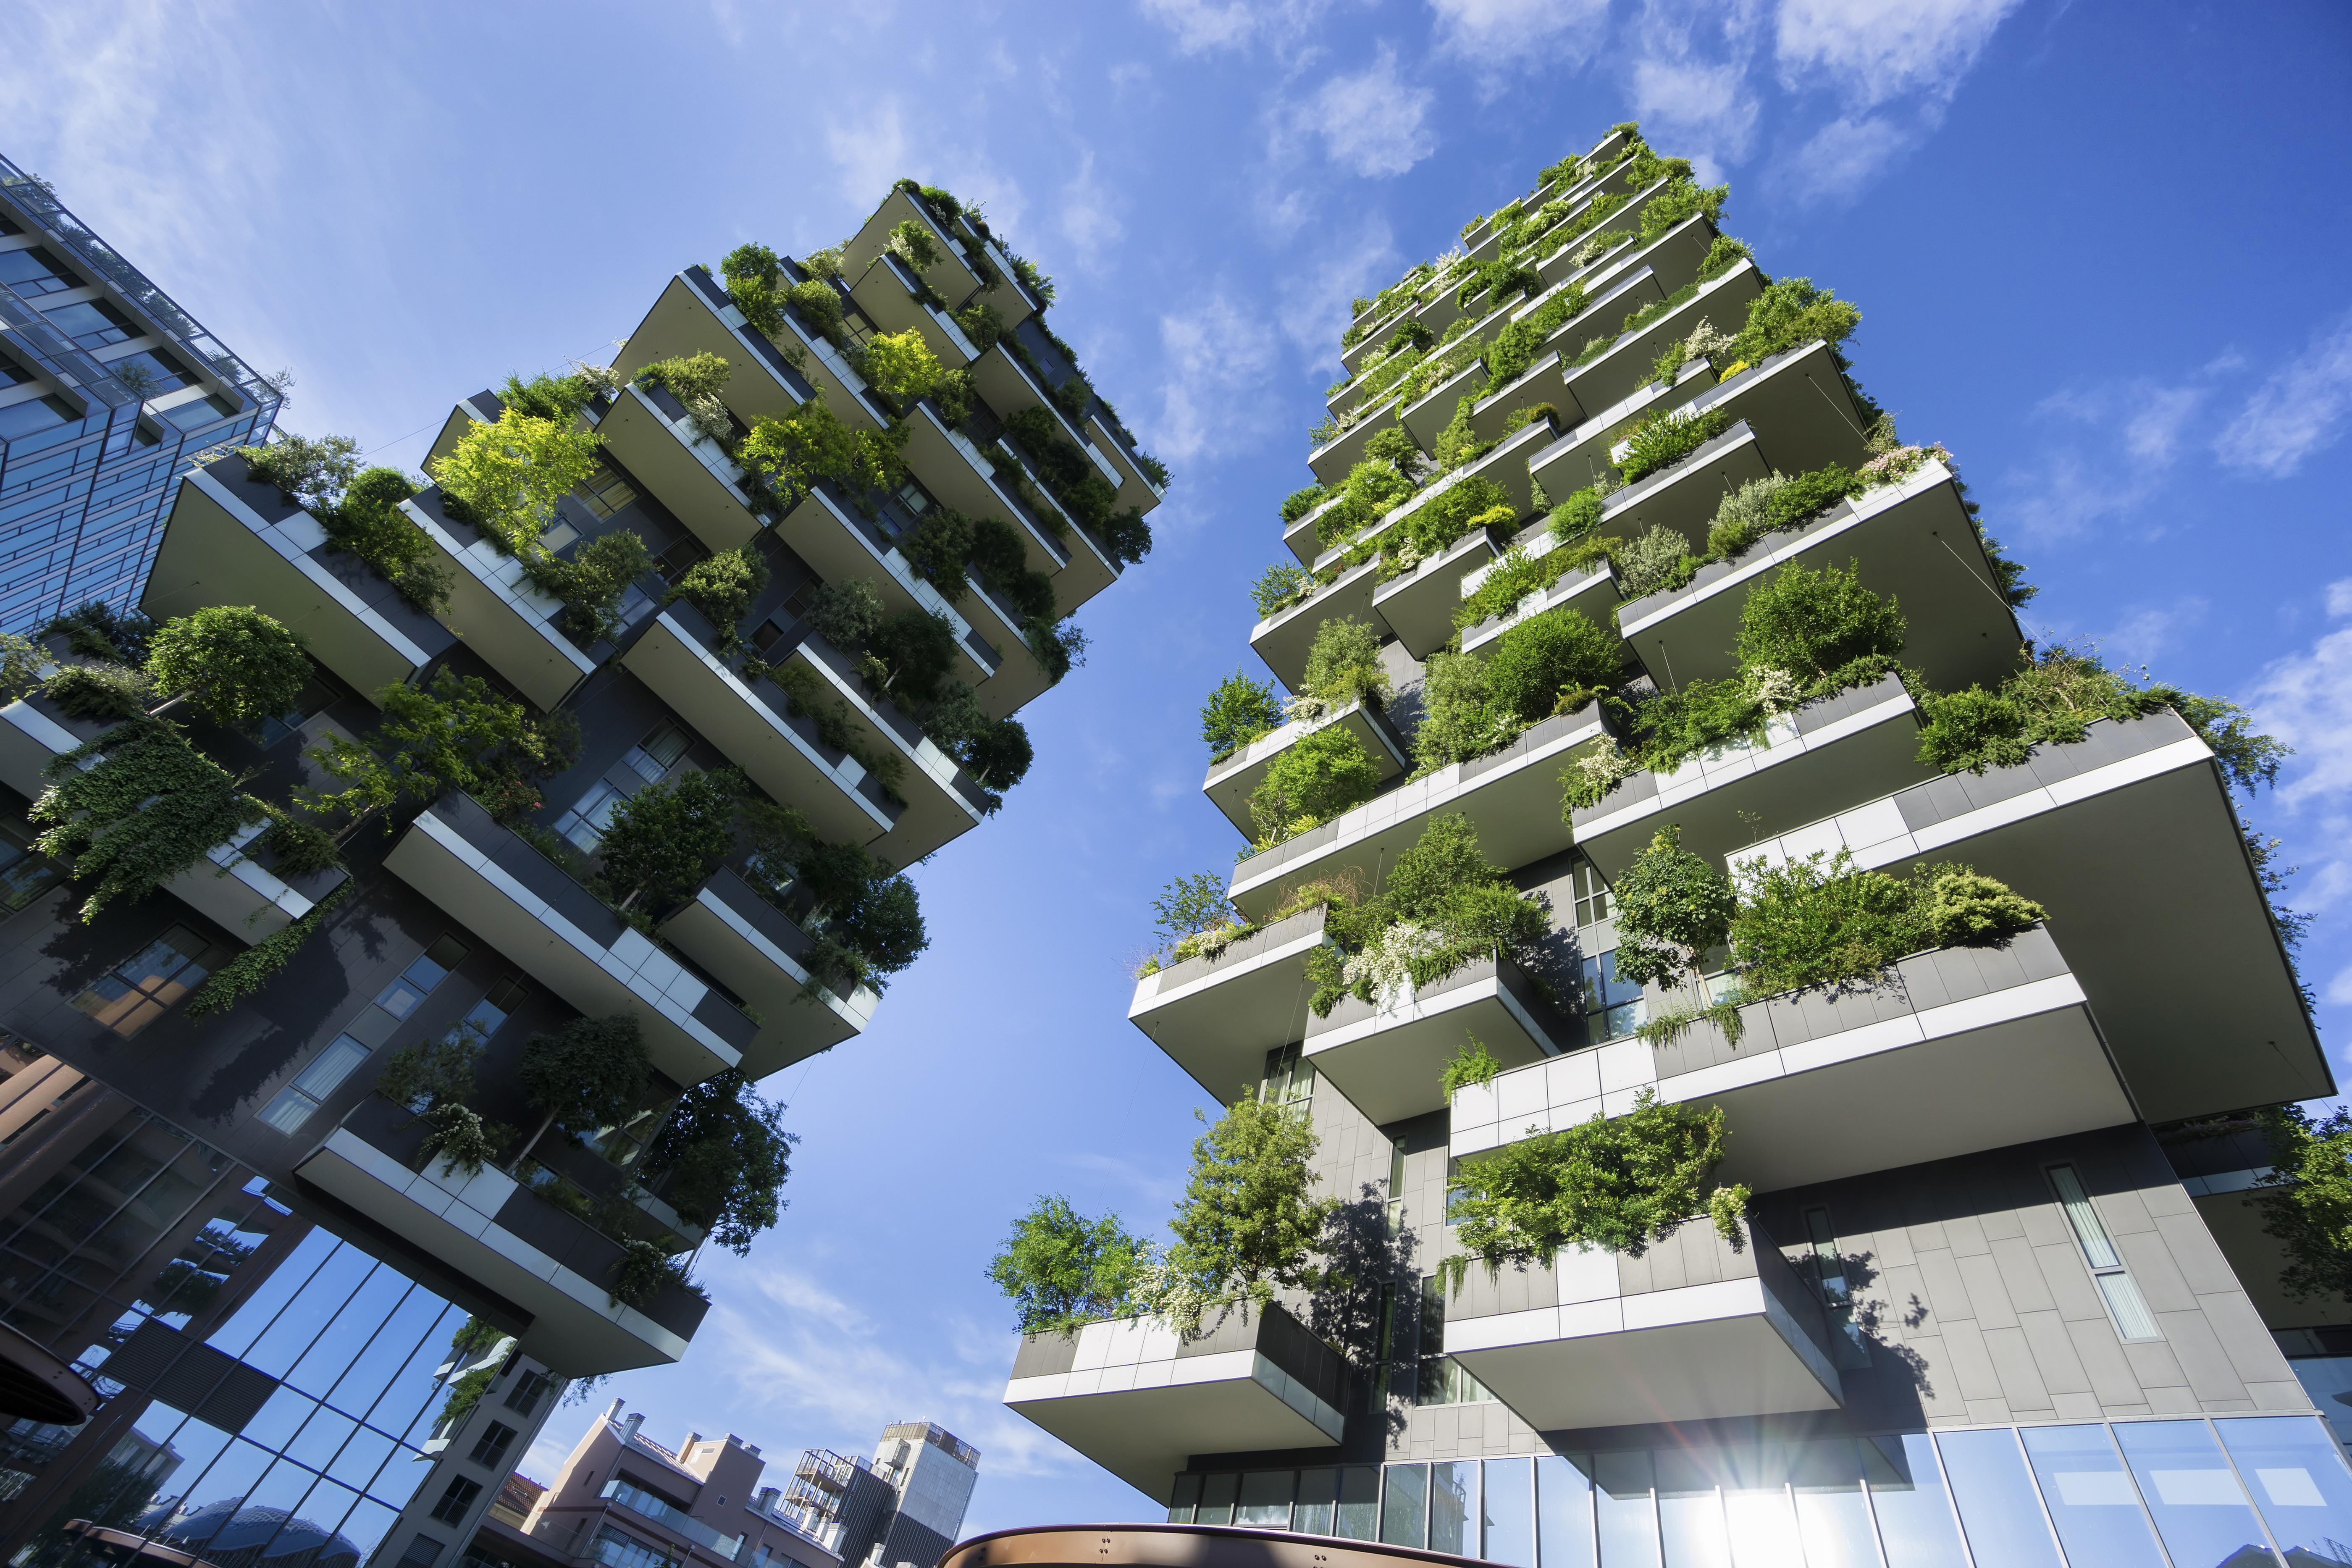 Certificazioni, protocolli e linee guida per un'edilizia sostenibile